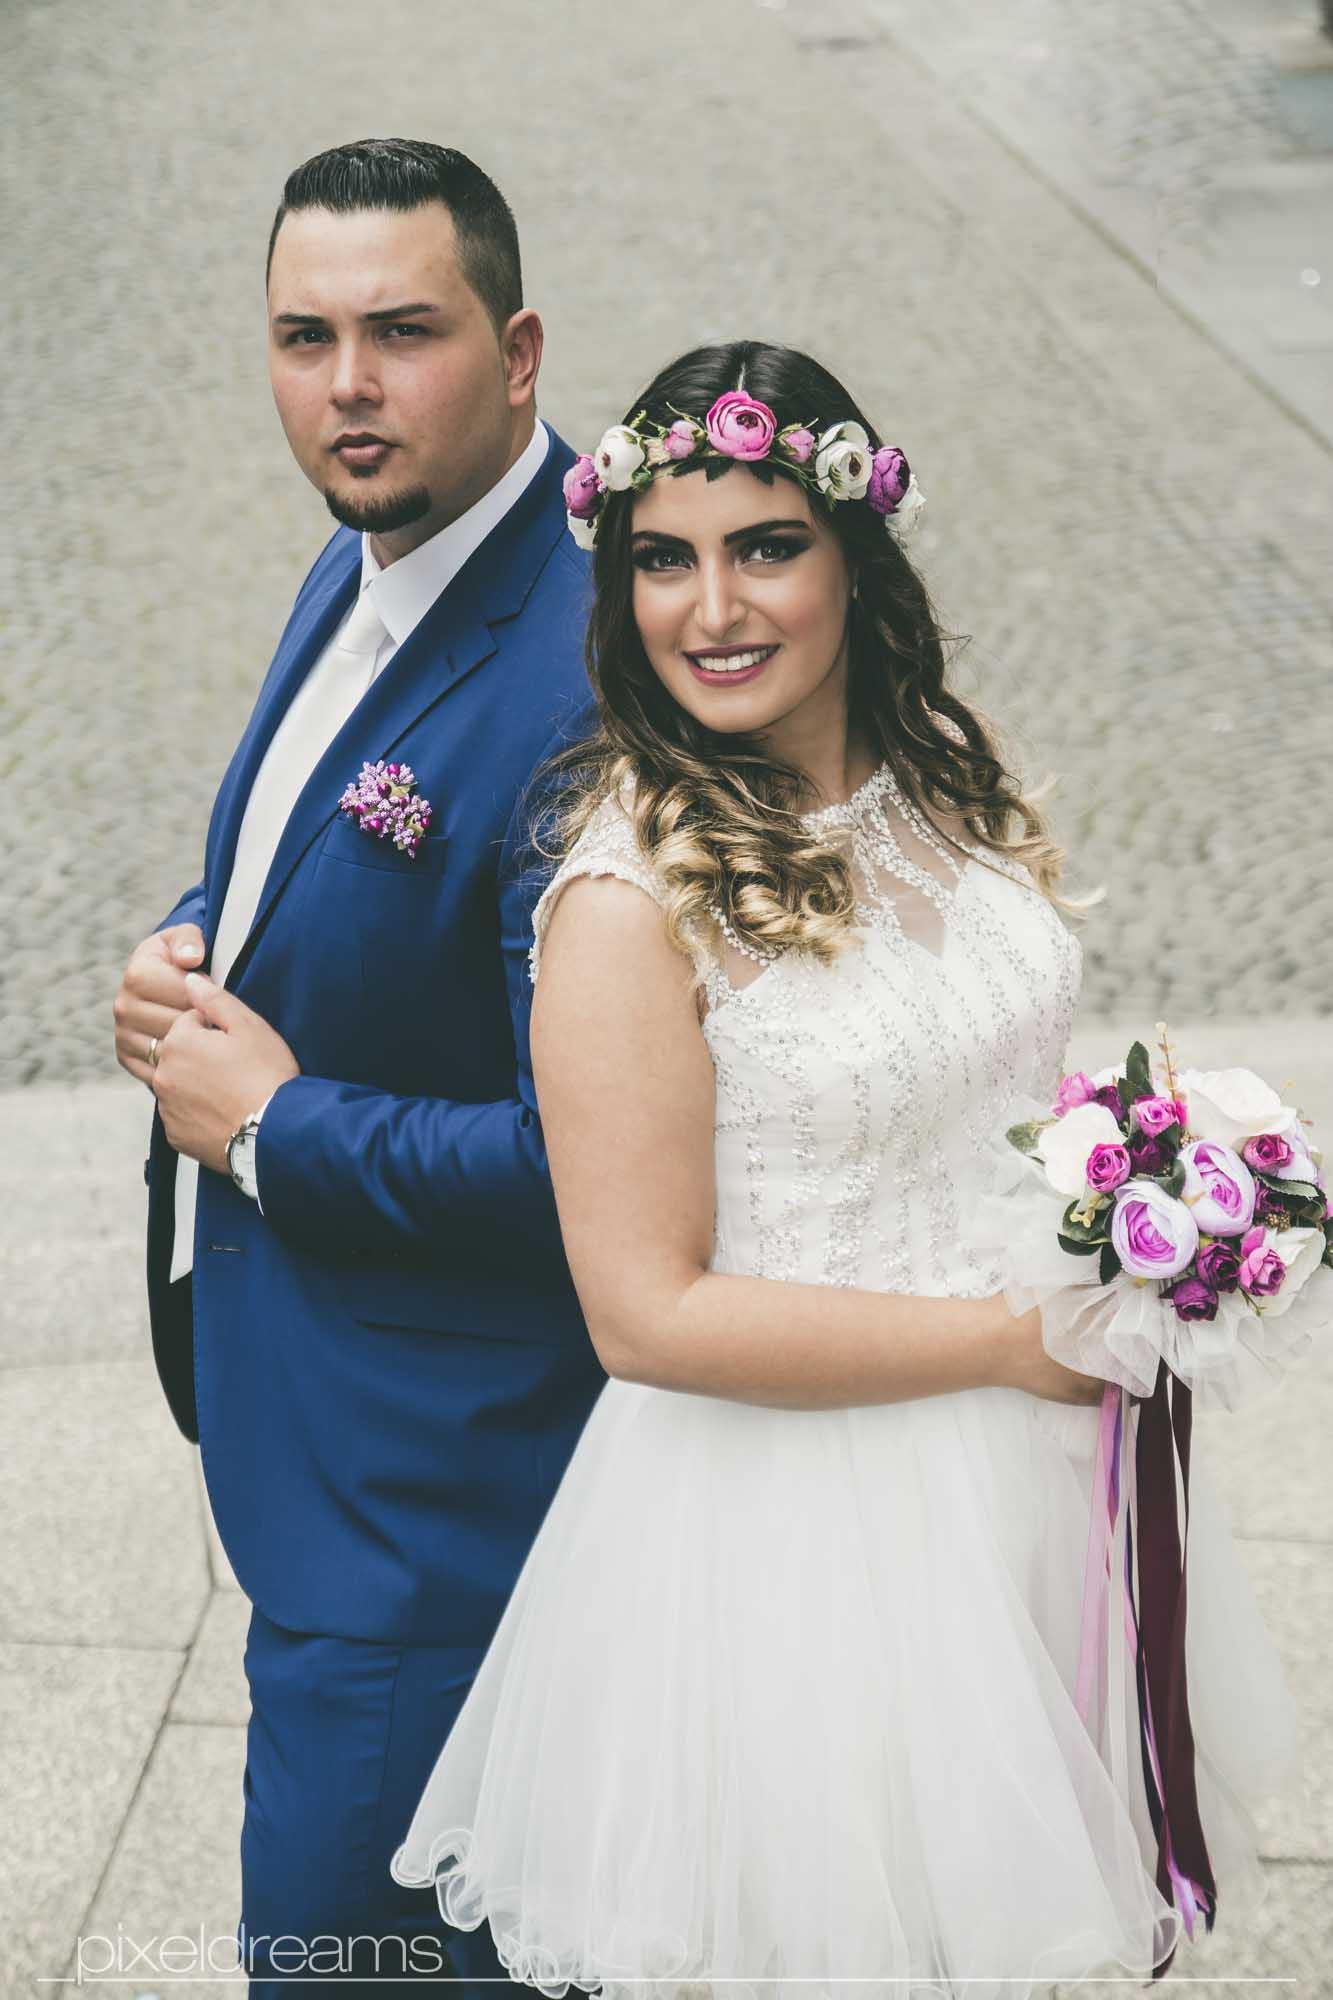 braut und bräutigam - coole pose mit brautstrauss